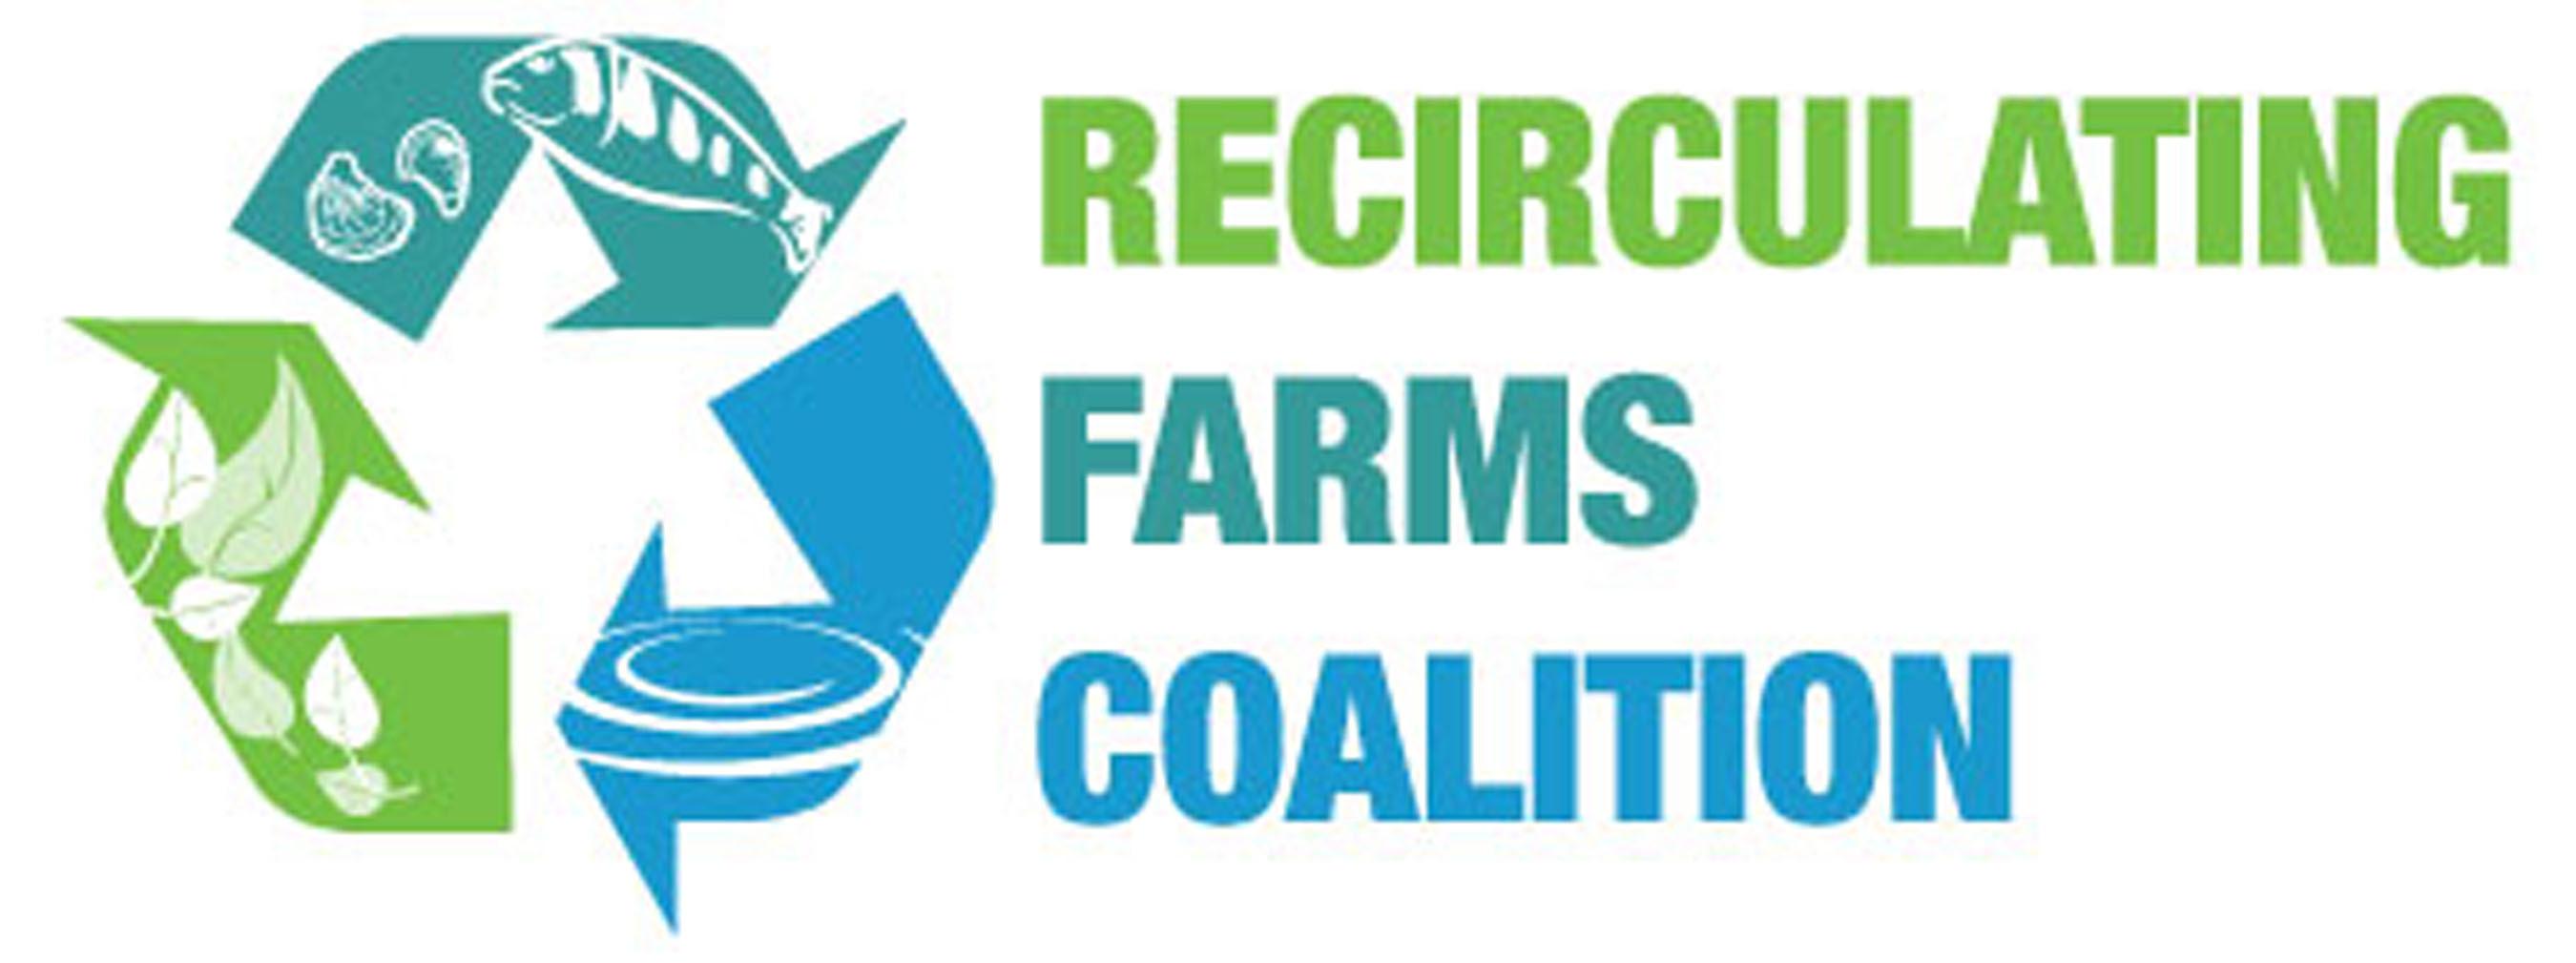 Recirculating Farms Coalition Logo